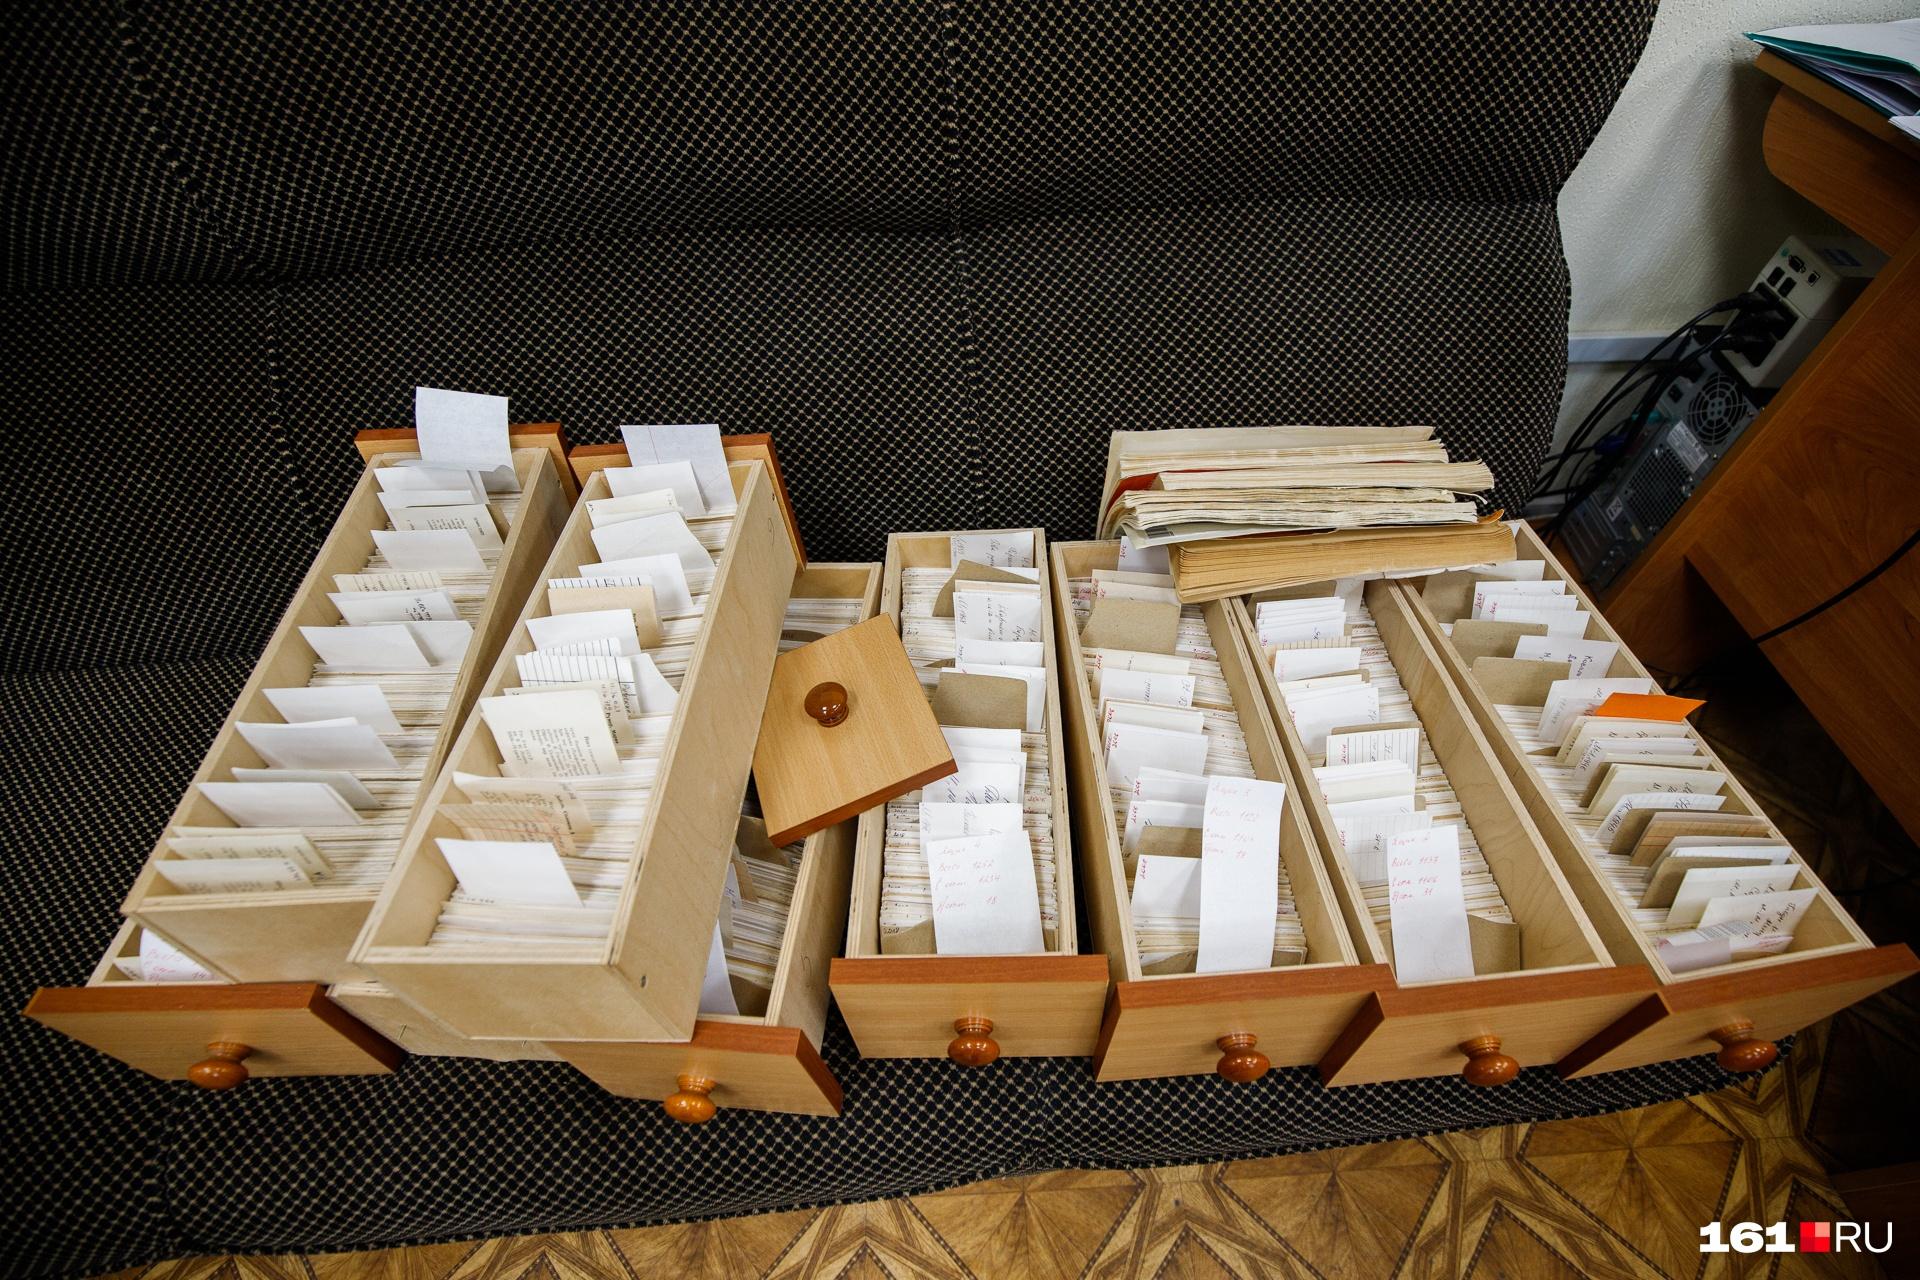 В отделе комплектования отбирают книги, которые попадут к читателям, и составляют списки для закупок